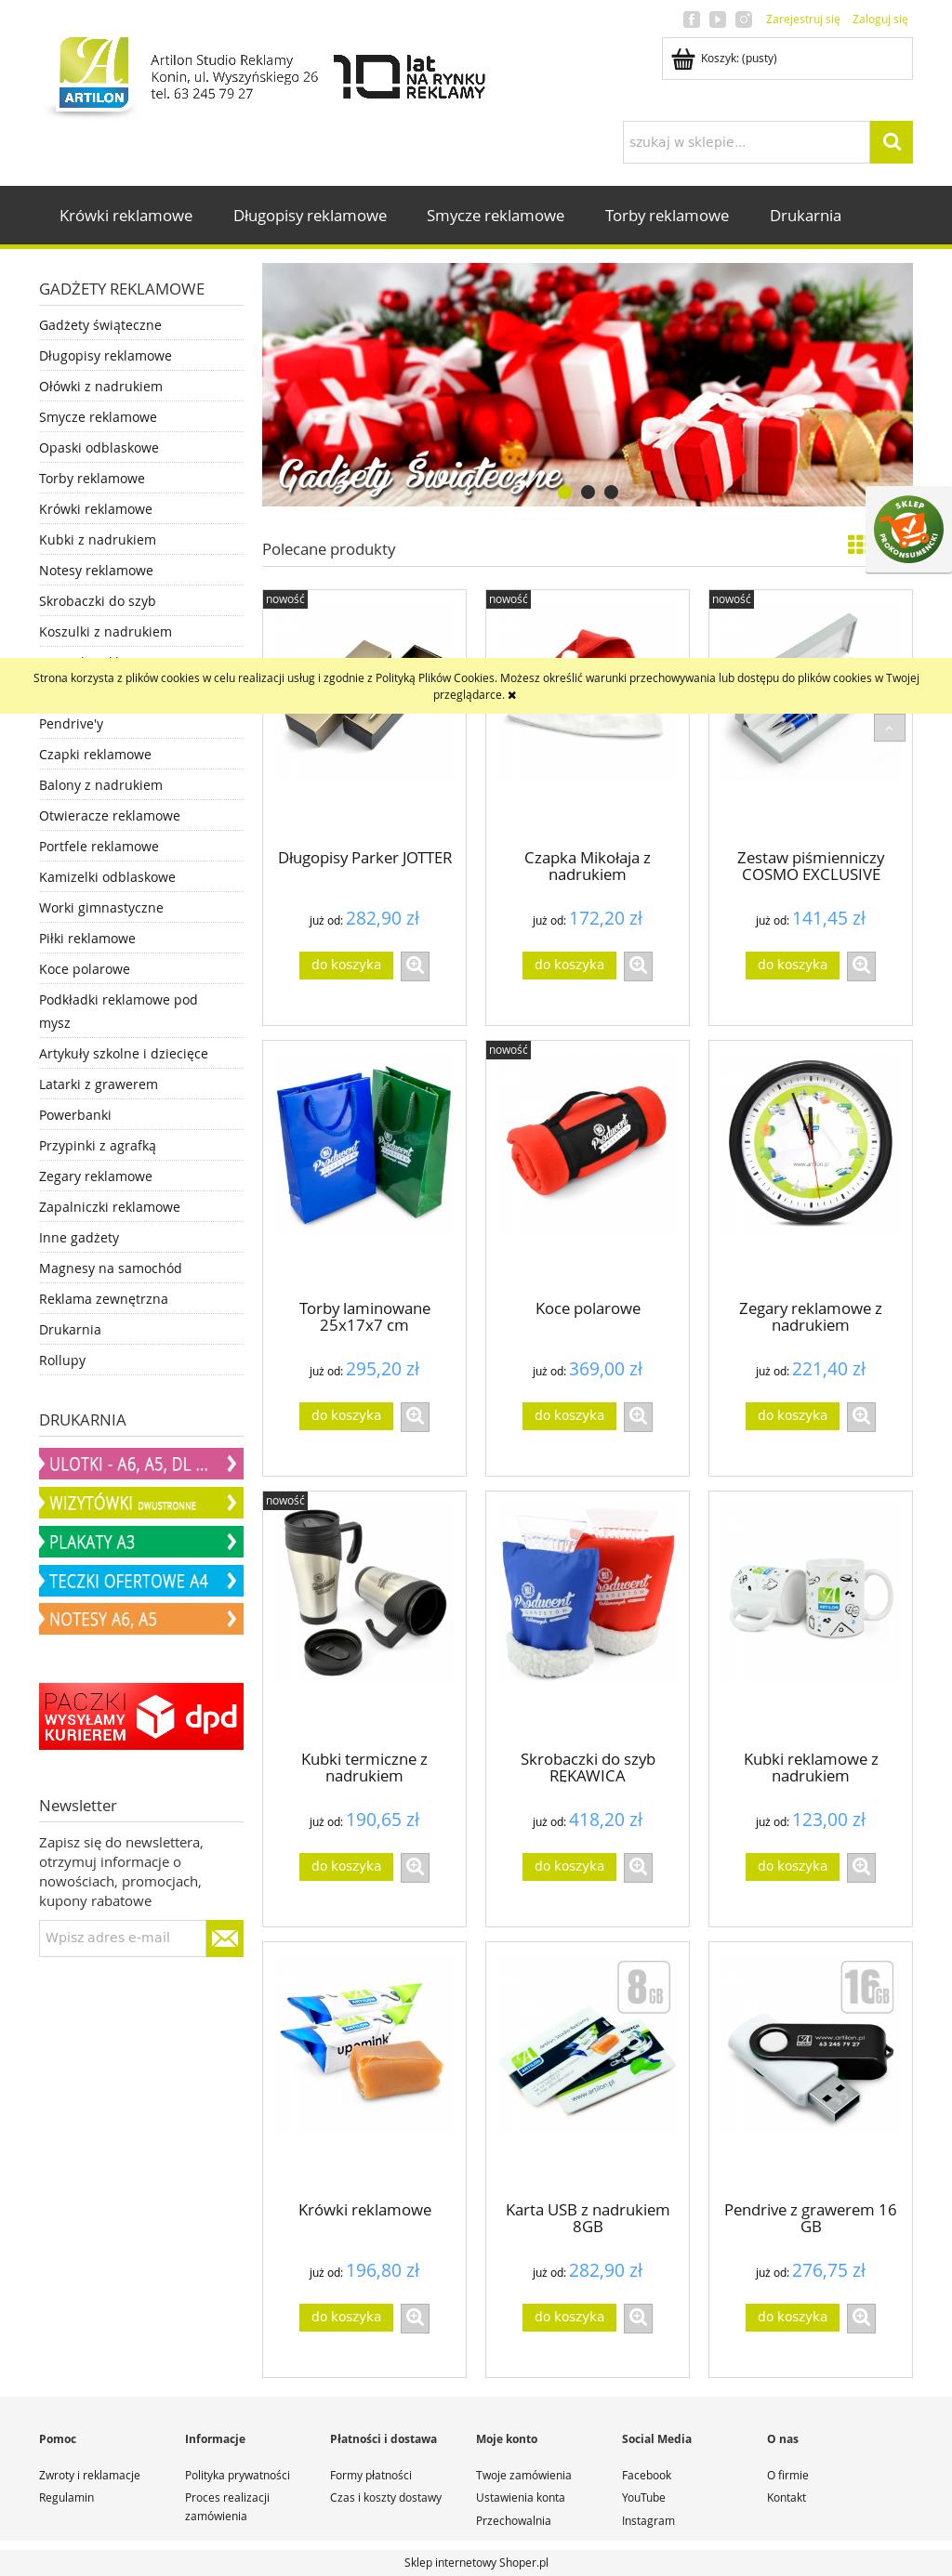 ae8324e15 Studio Reklamy Artilon Competitors, Revenue and Employees - Owler Company  Profile